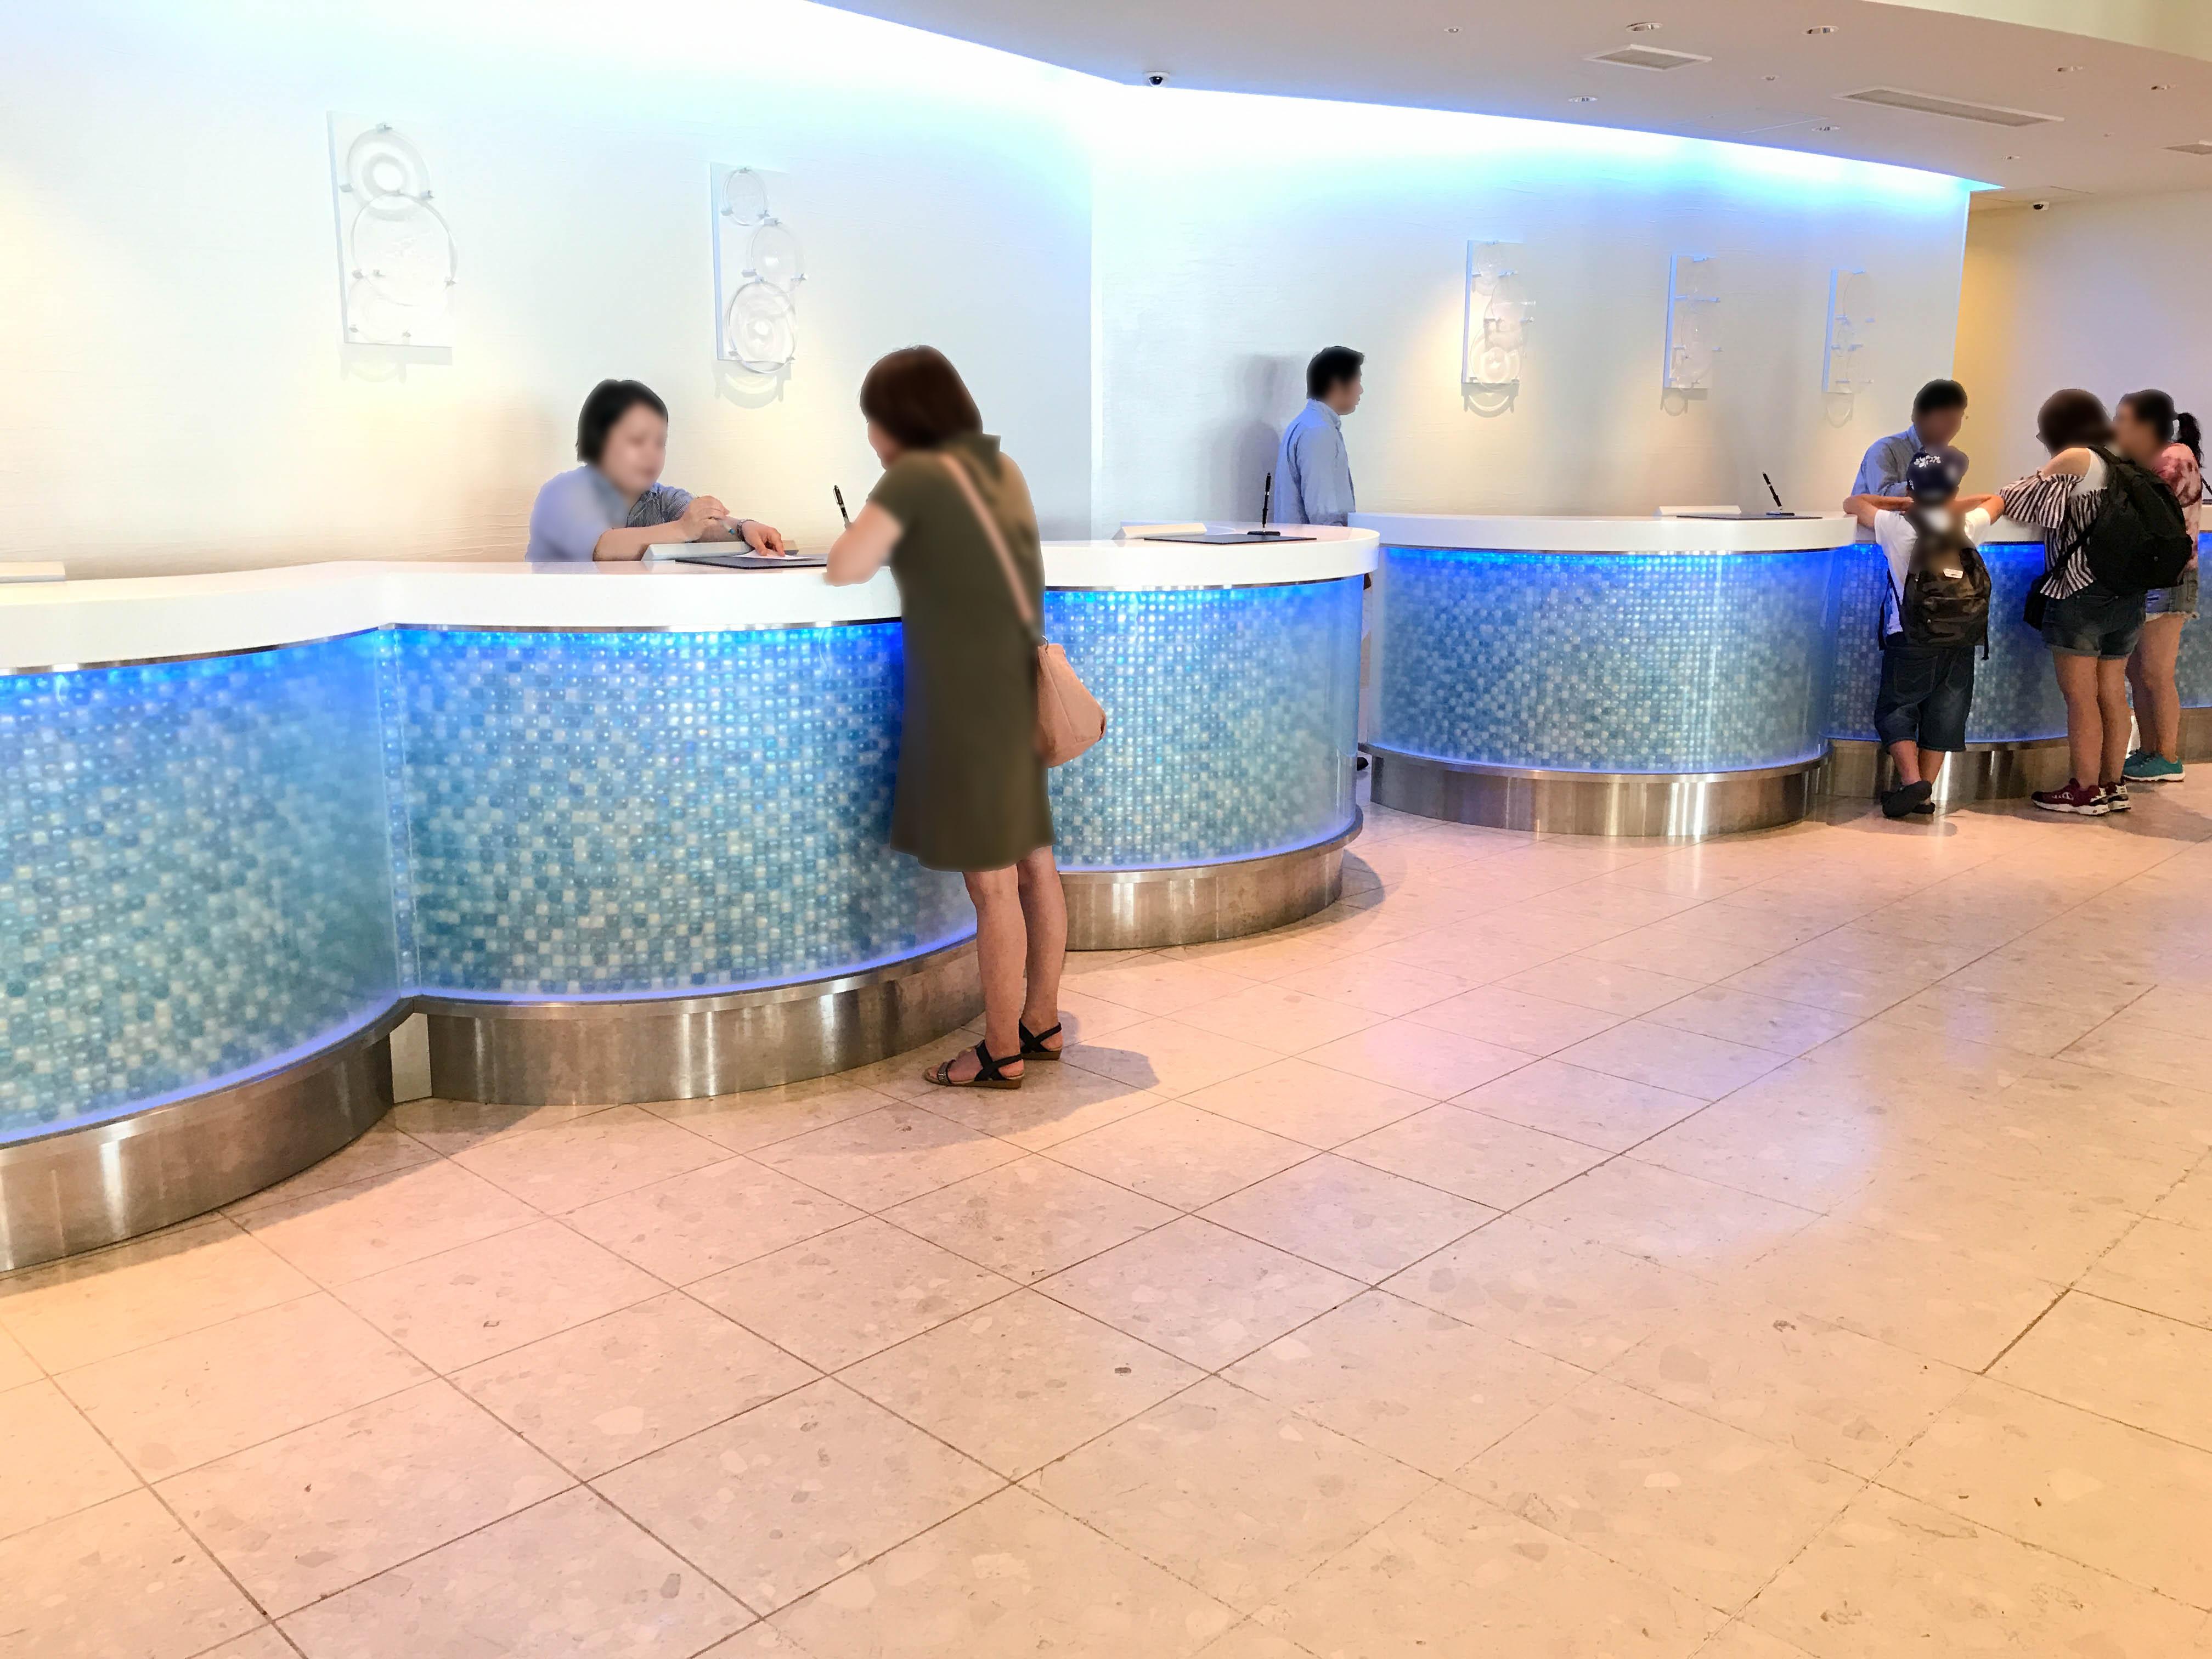 ANAインターコンチネンタル万座ビーチリゾートのフロント